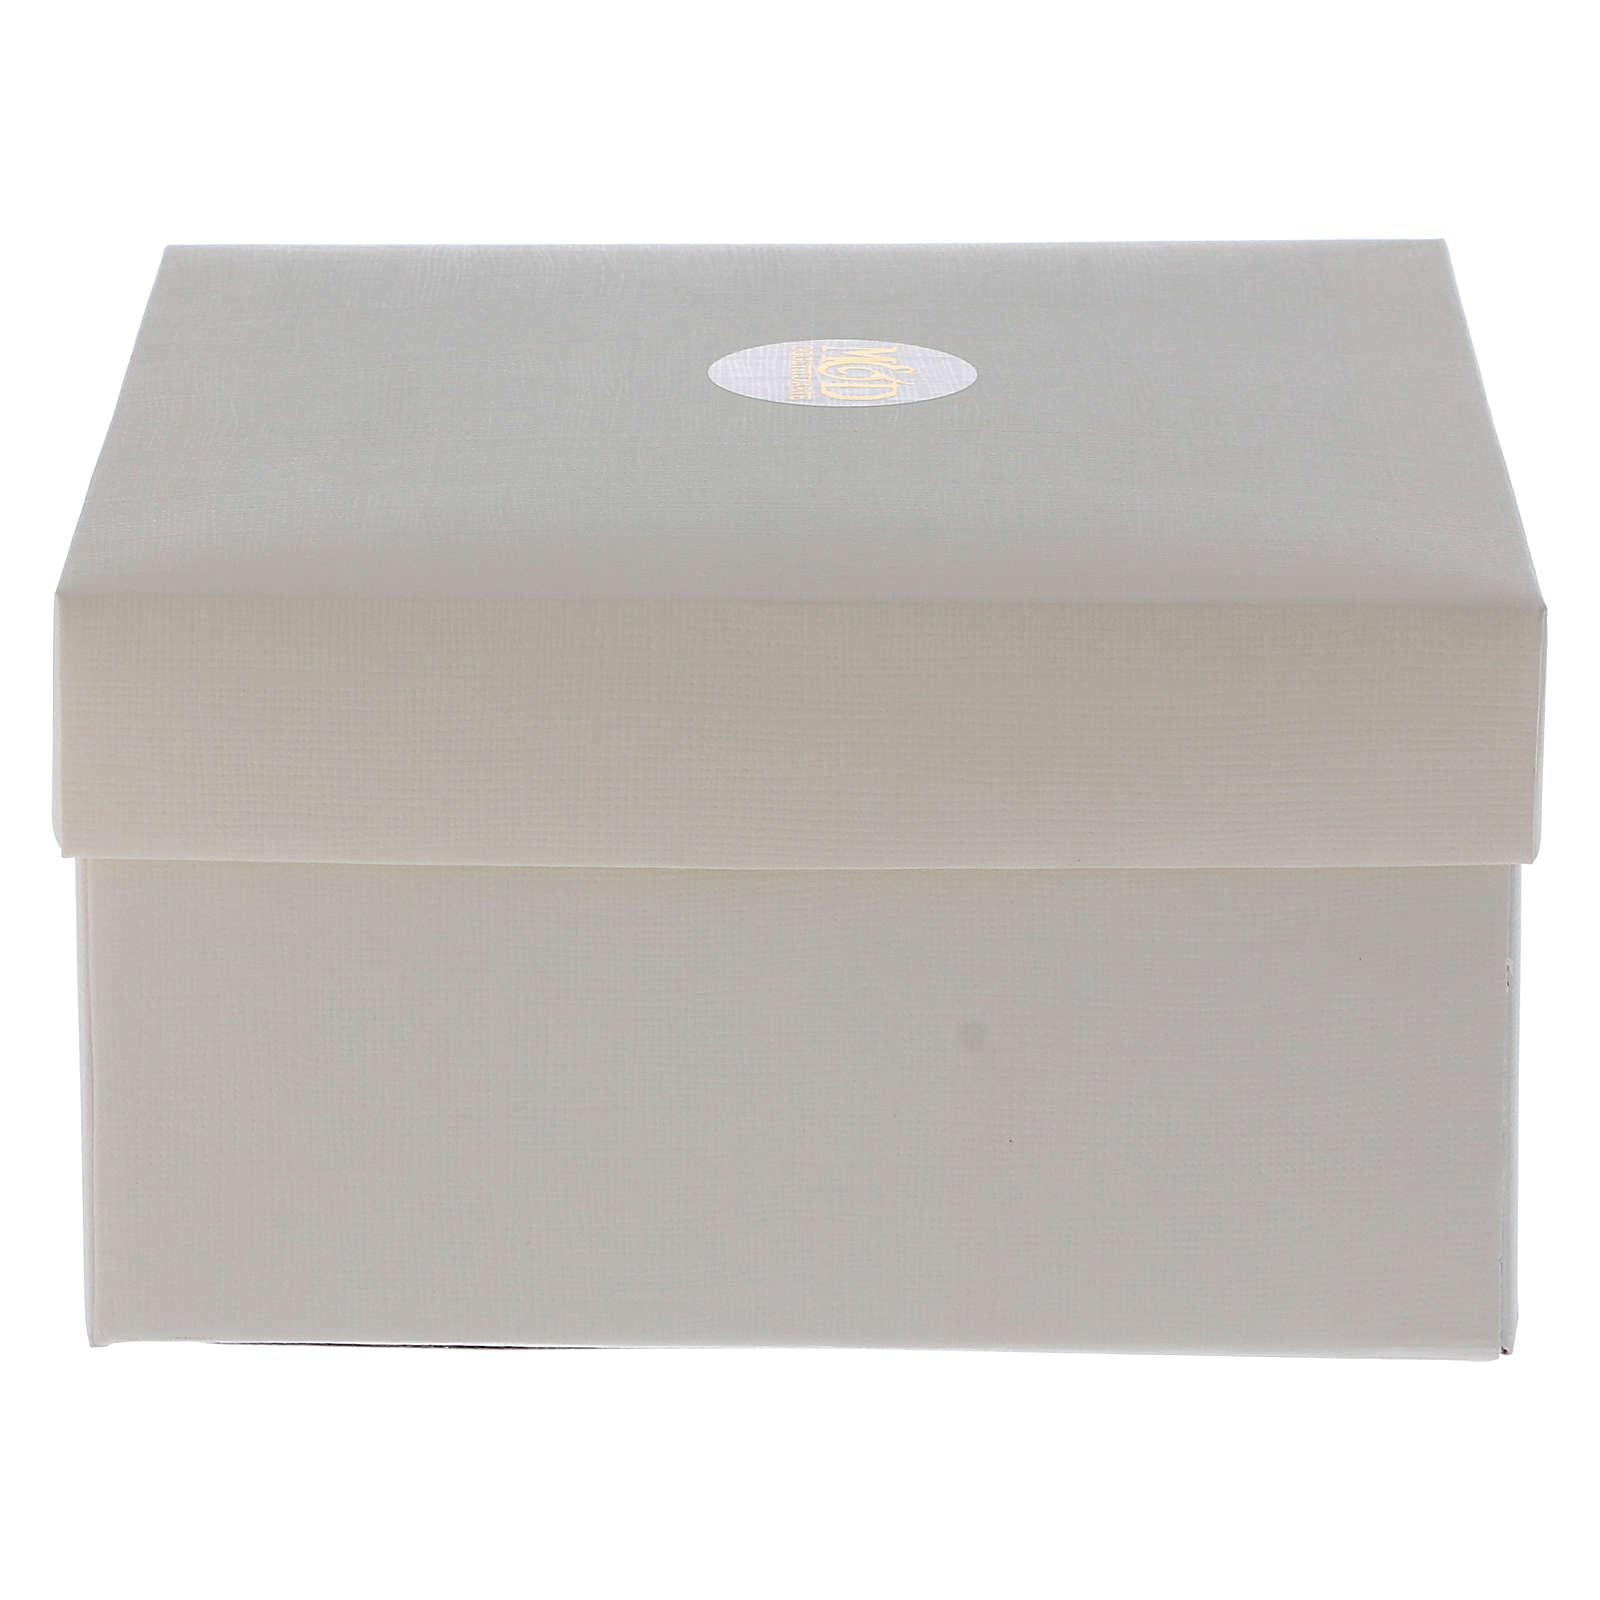 Souvenir Baptême boîte photophore 5x5x5 cm 4